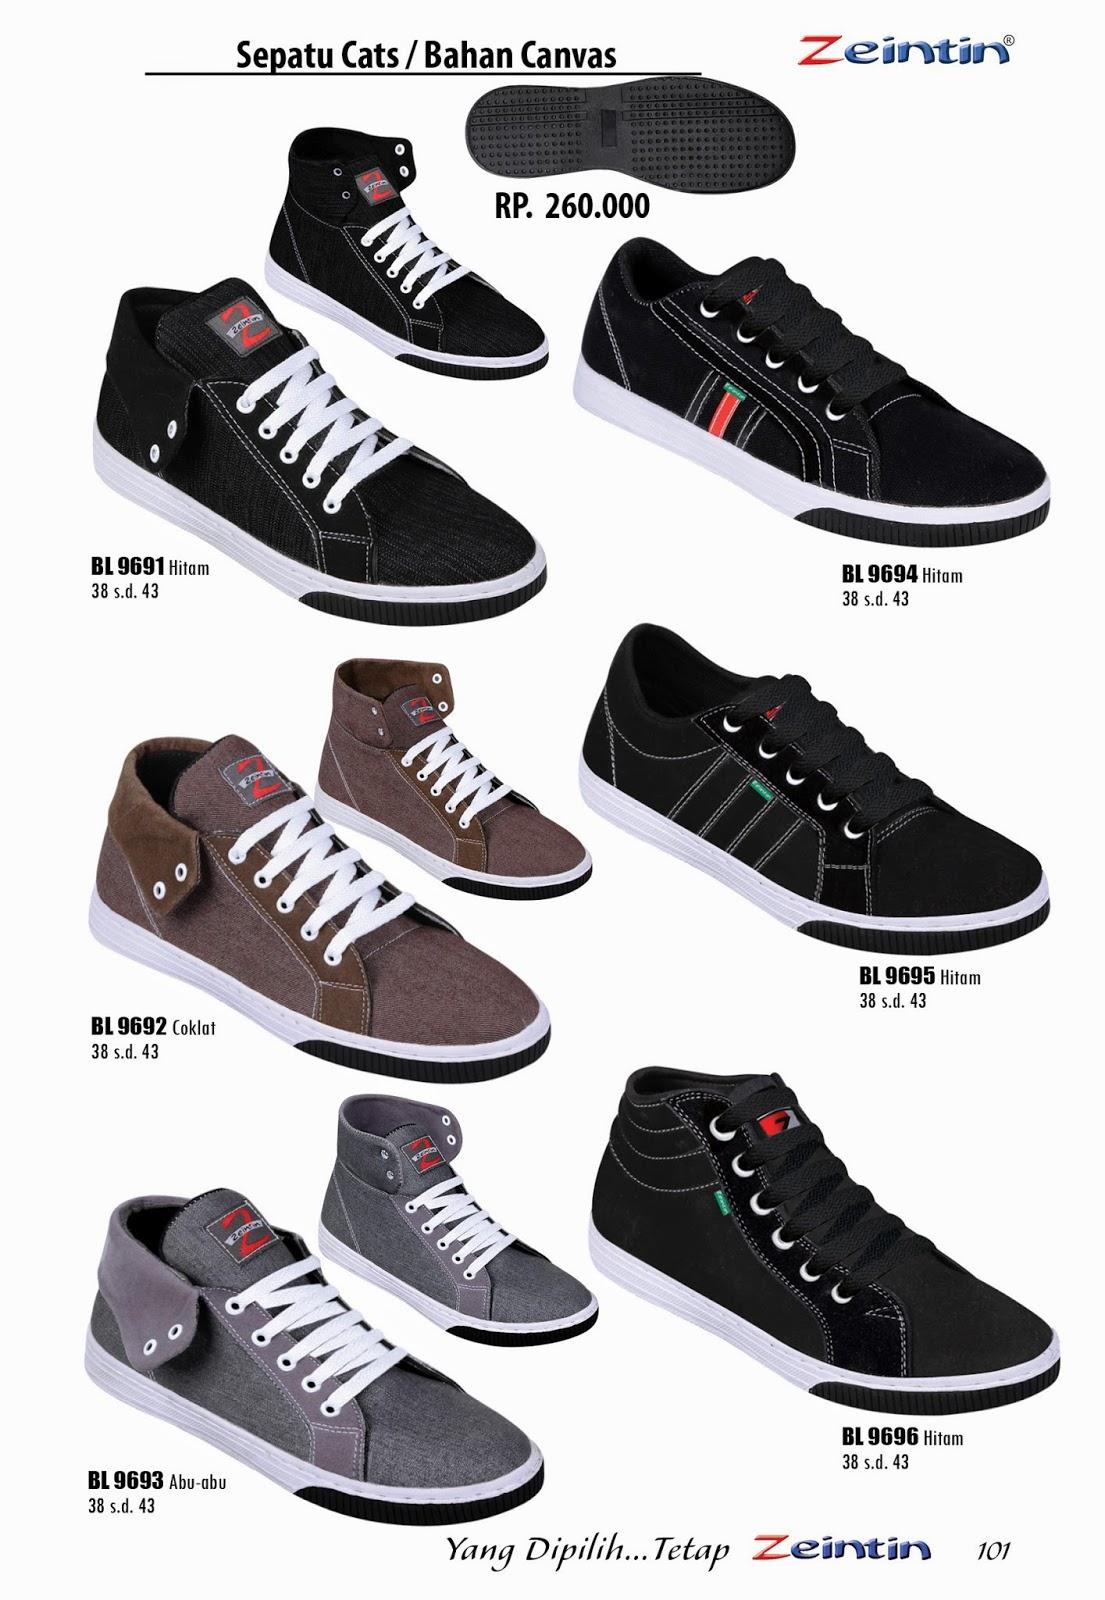 Sepatu Cats Pria Zeintin